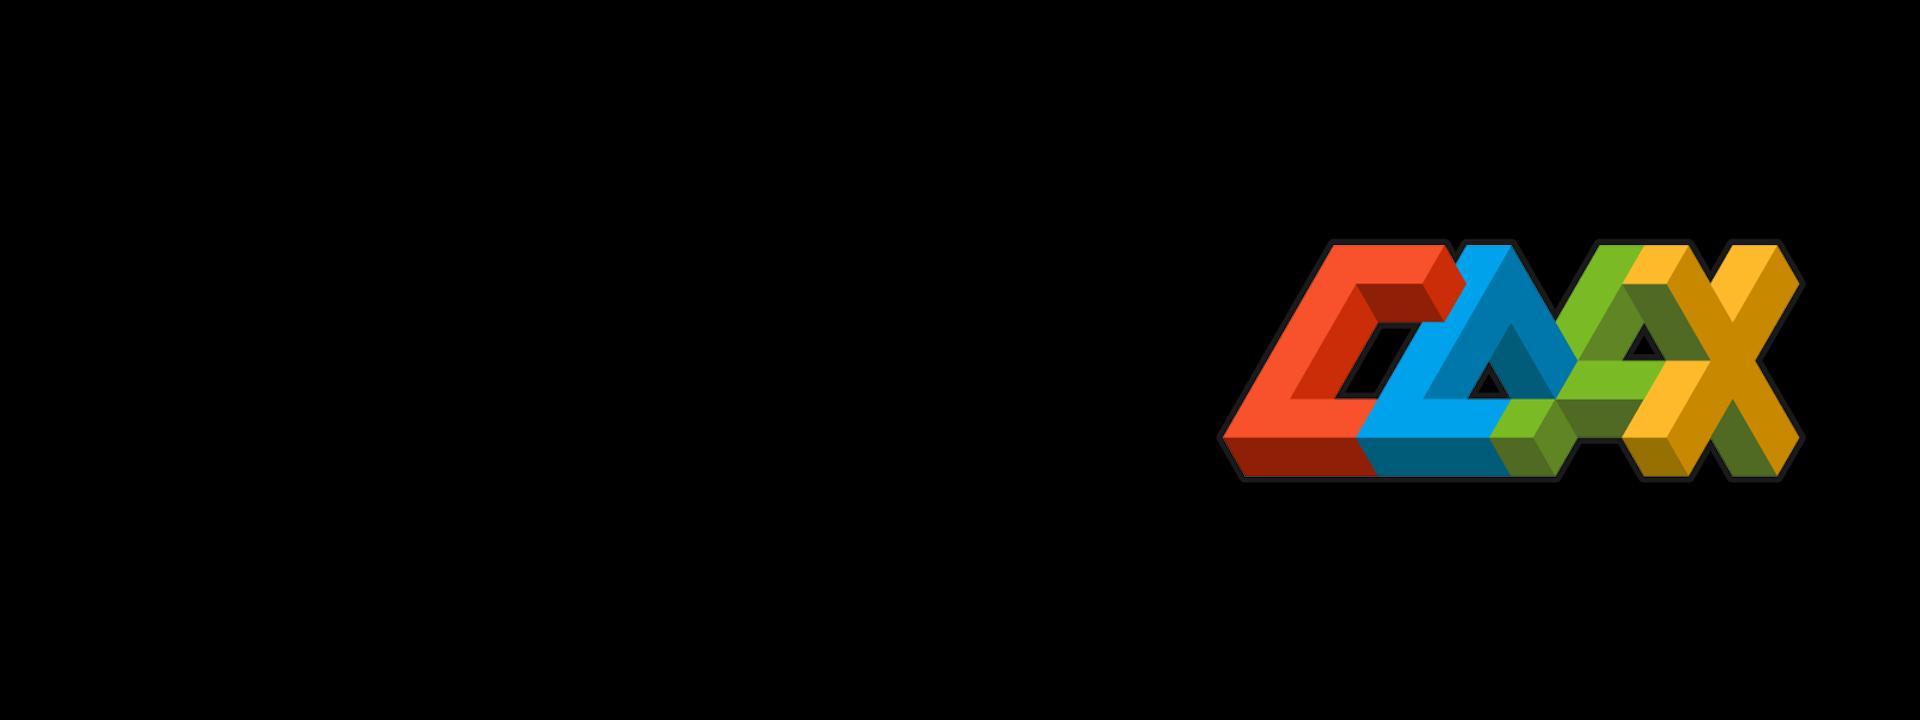 COAX project header